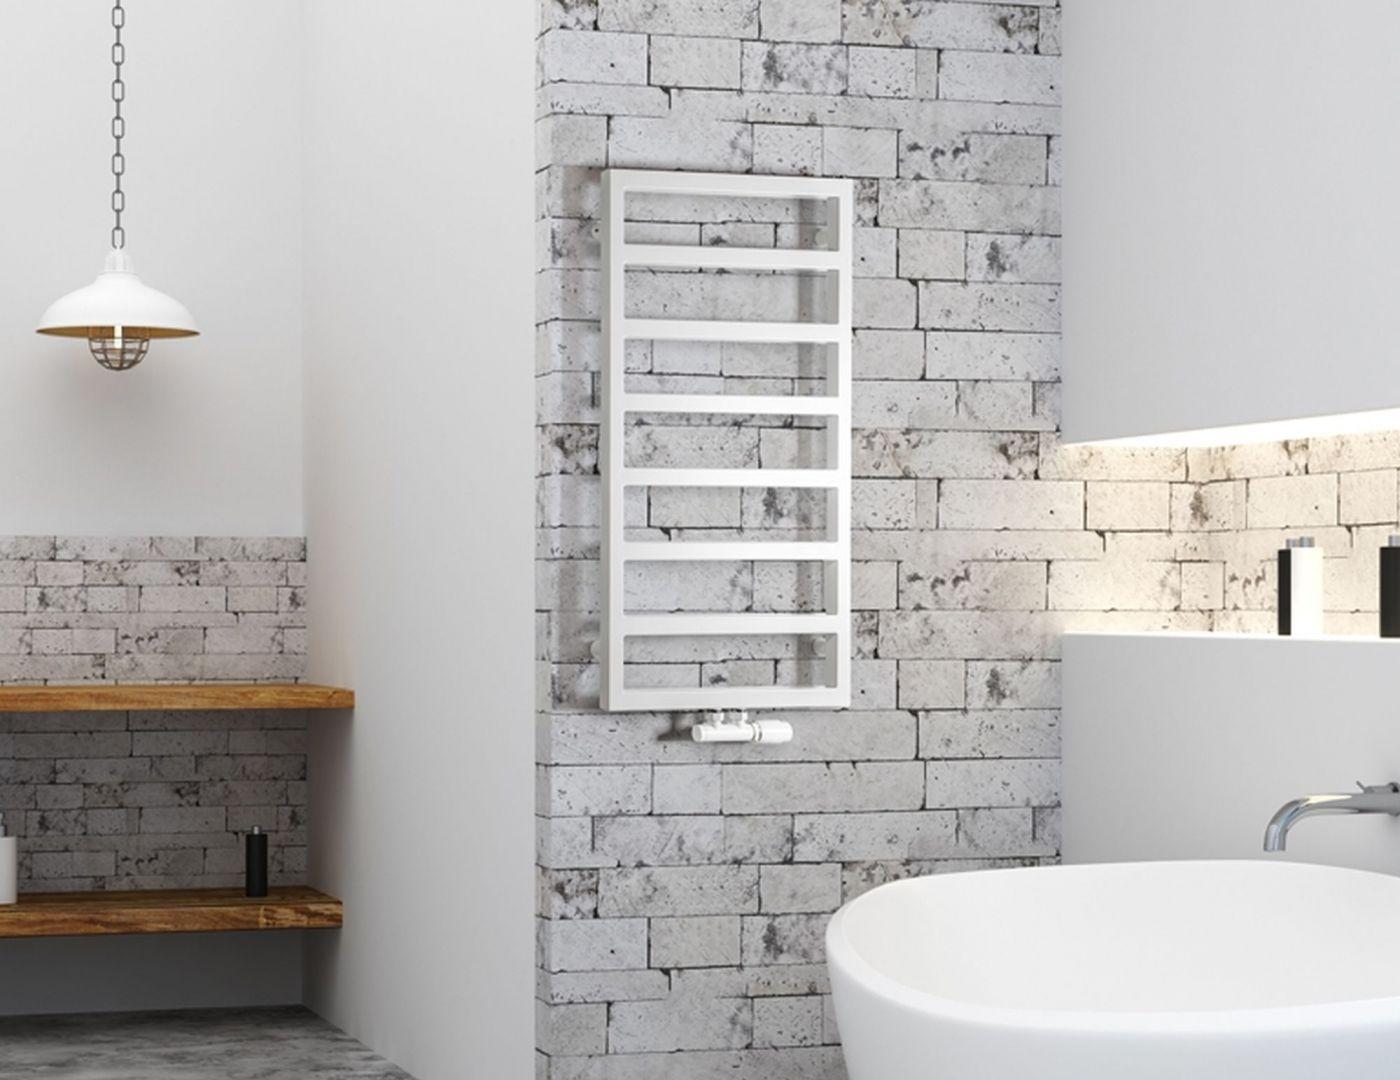 Ogrzewanie w dużym domu: grzejnik łazienkowy Atria z oferty Luxrad. Fot. Luxrad